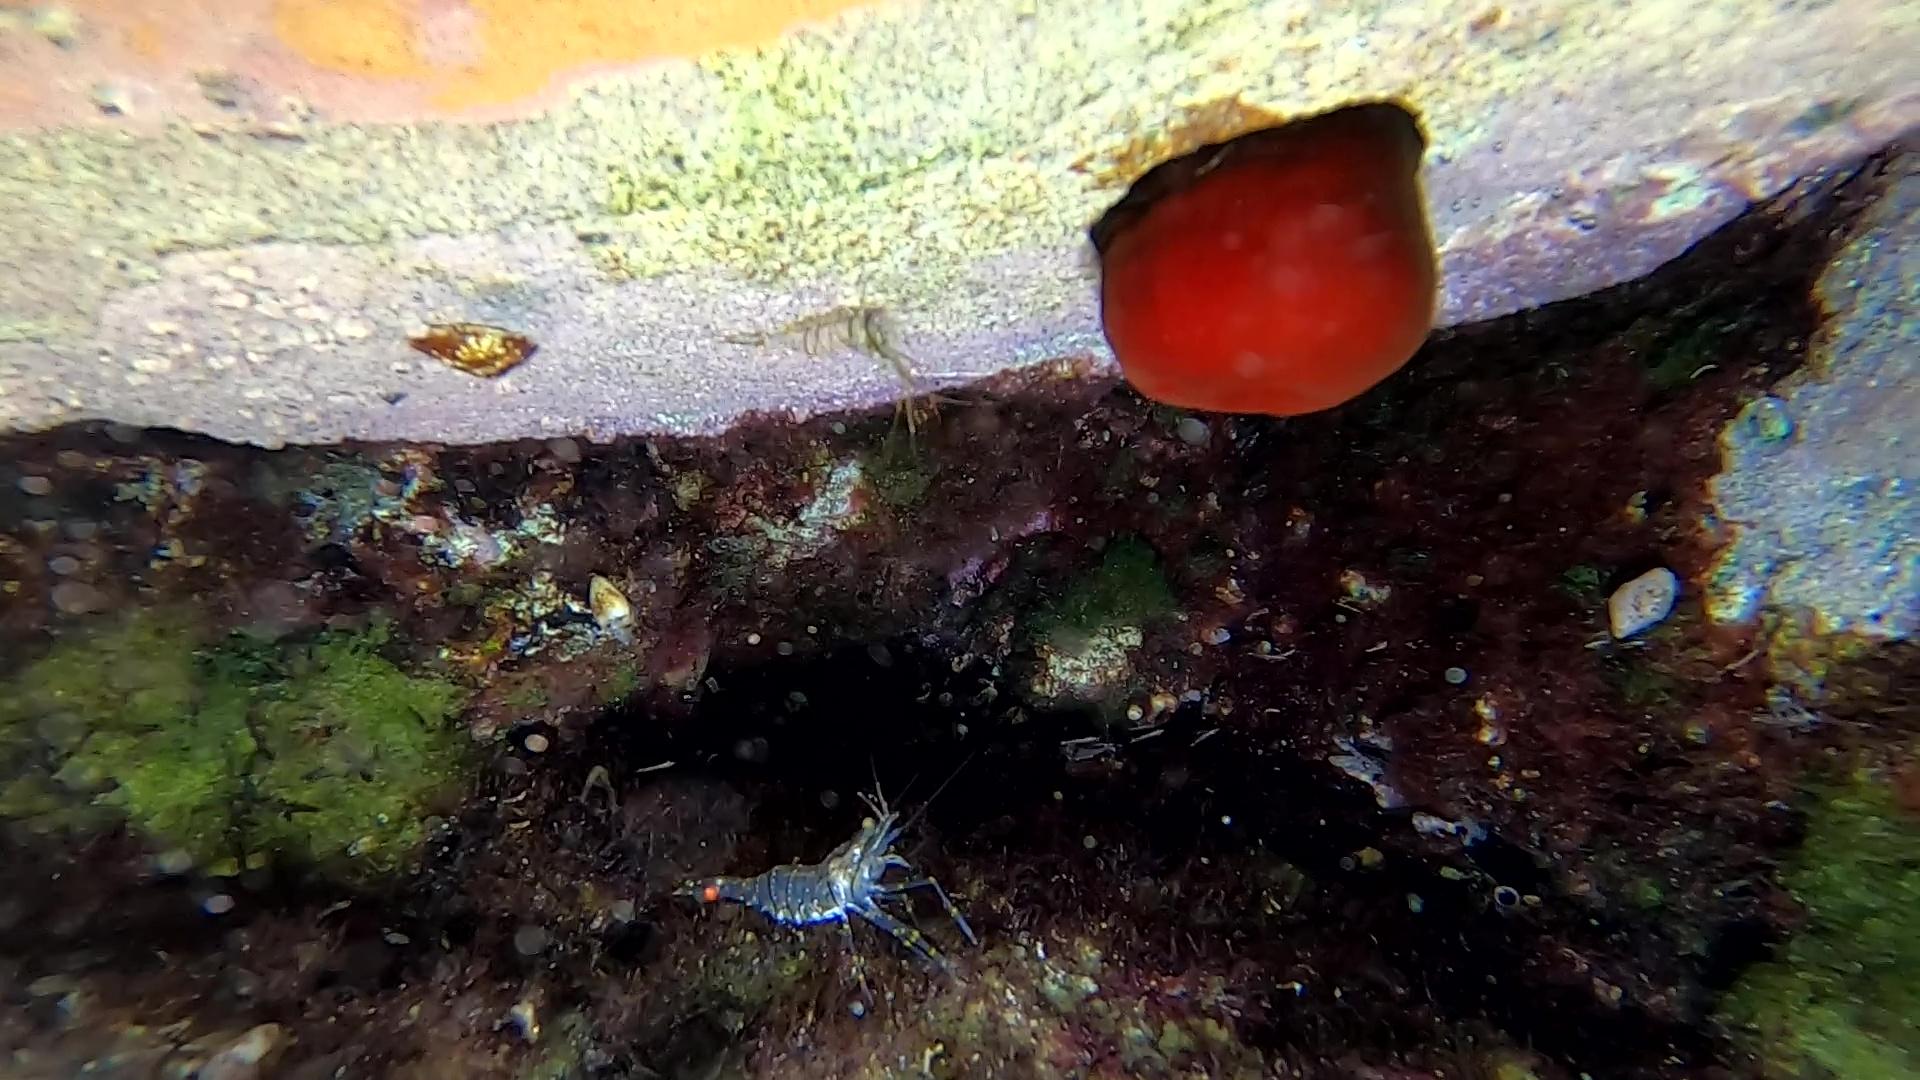 Gamberetto maggiore - Palaemon serratus - Common prawn - www.intotheblue.it